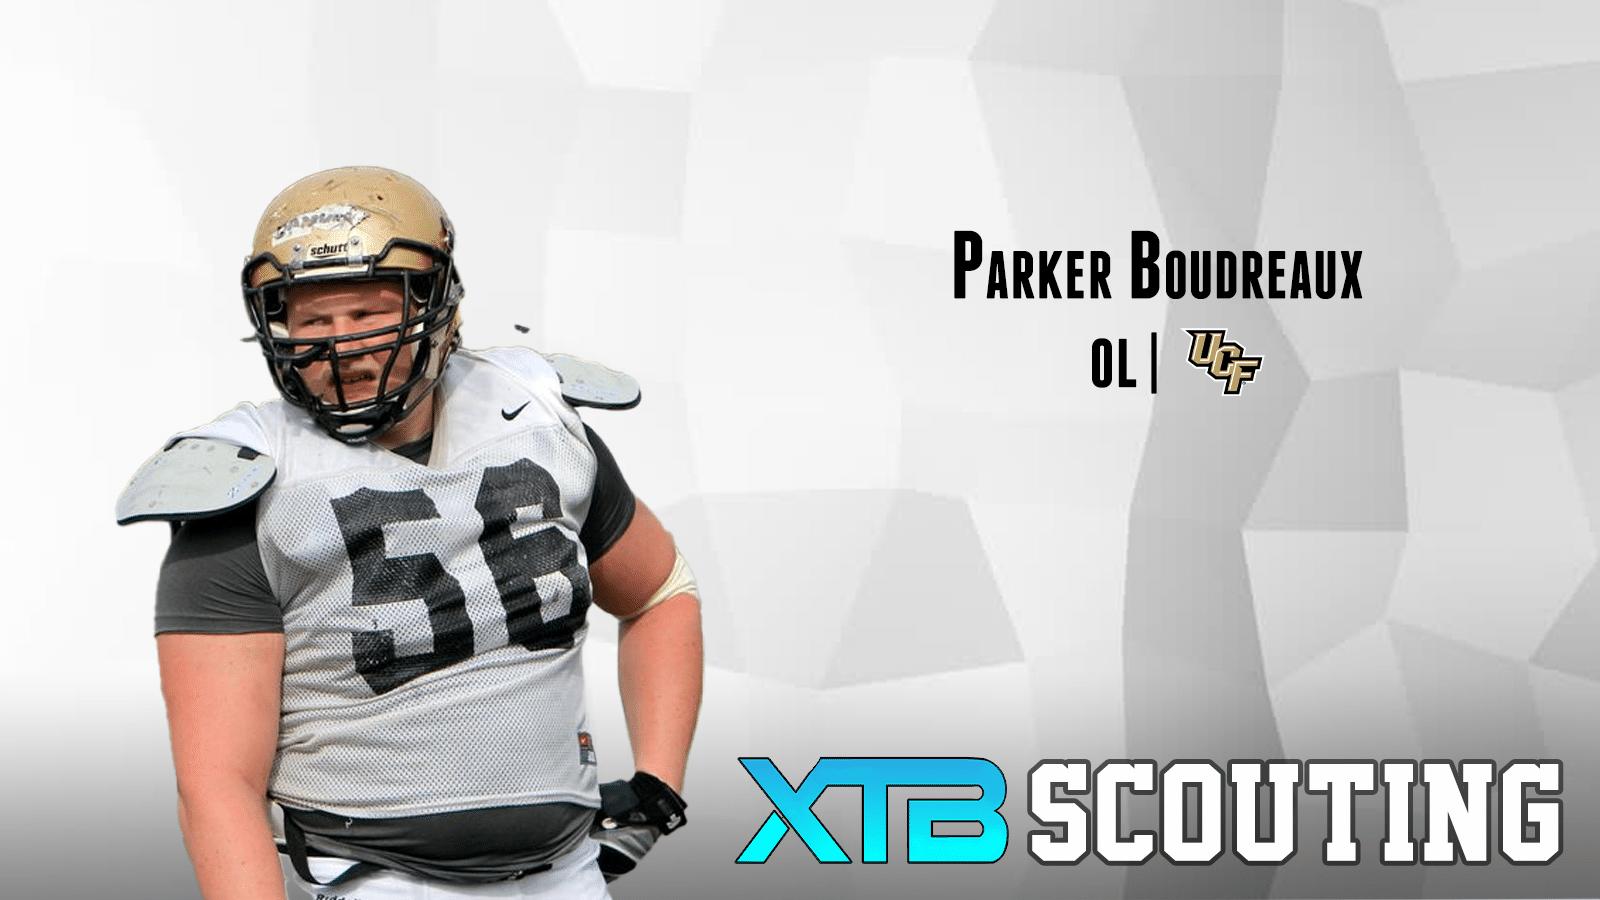 Parker Boudreaux